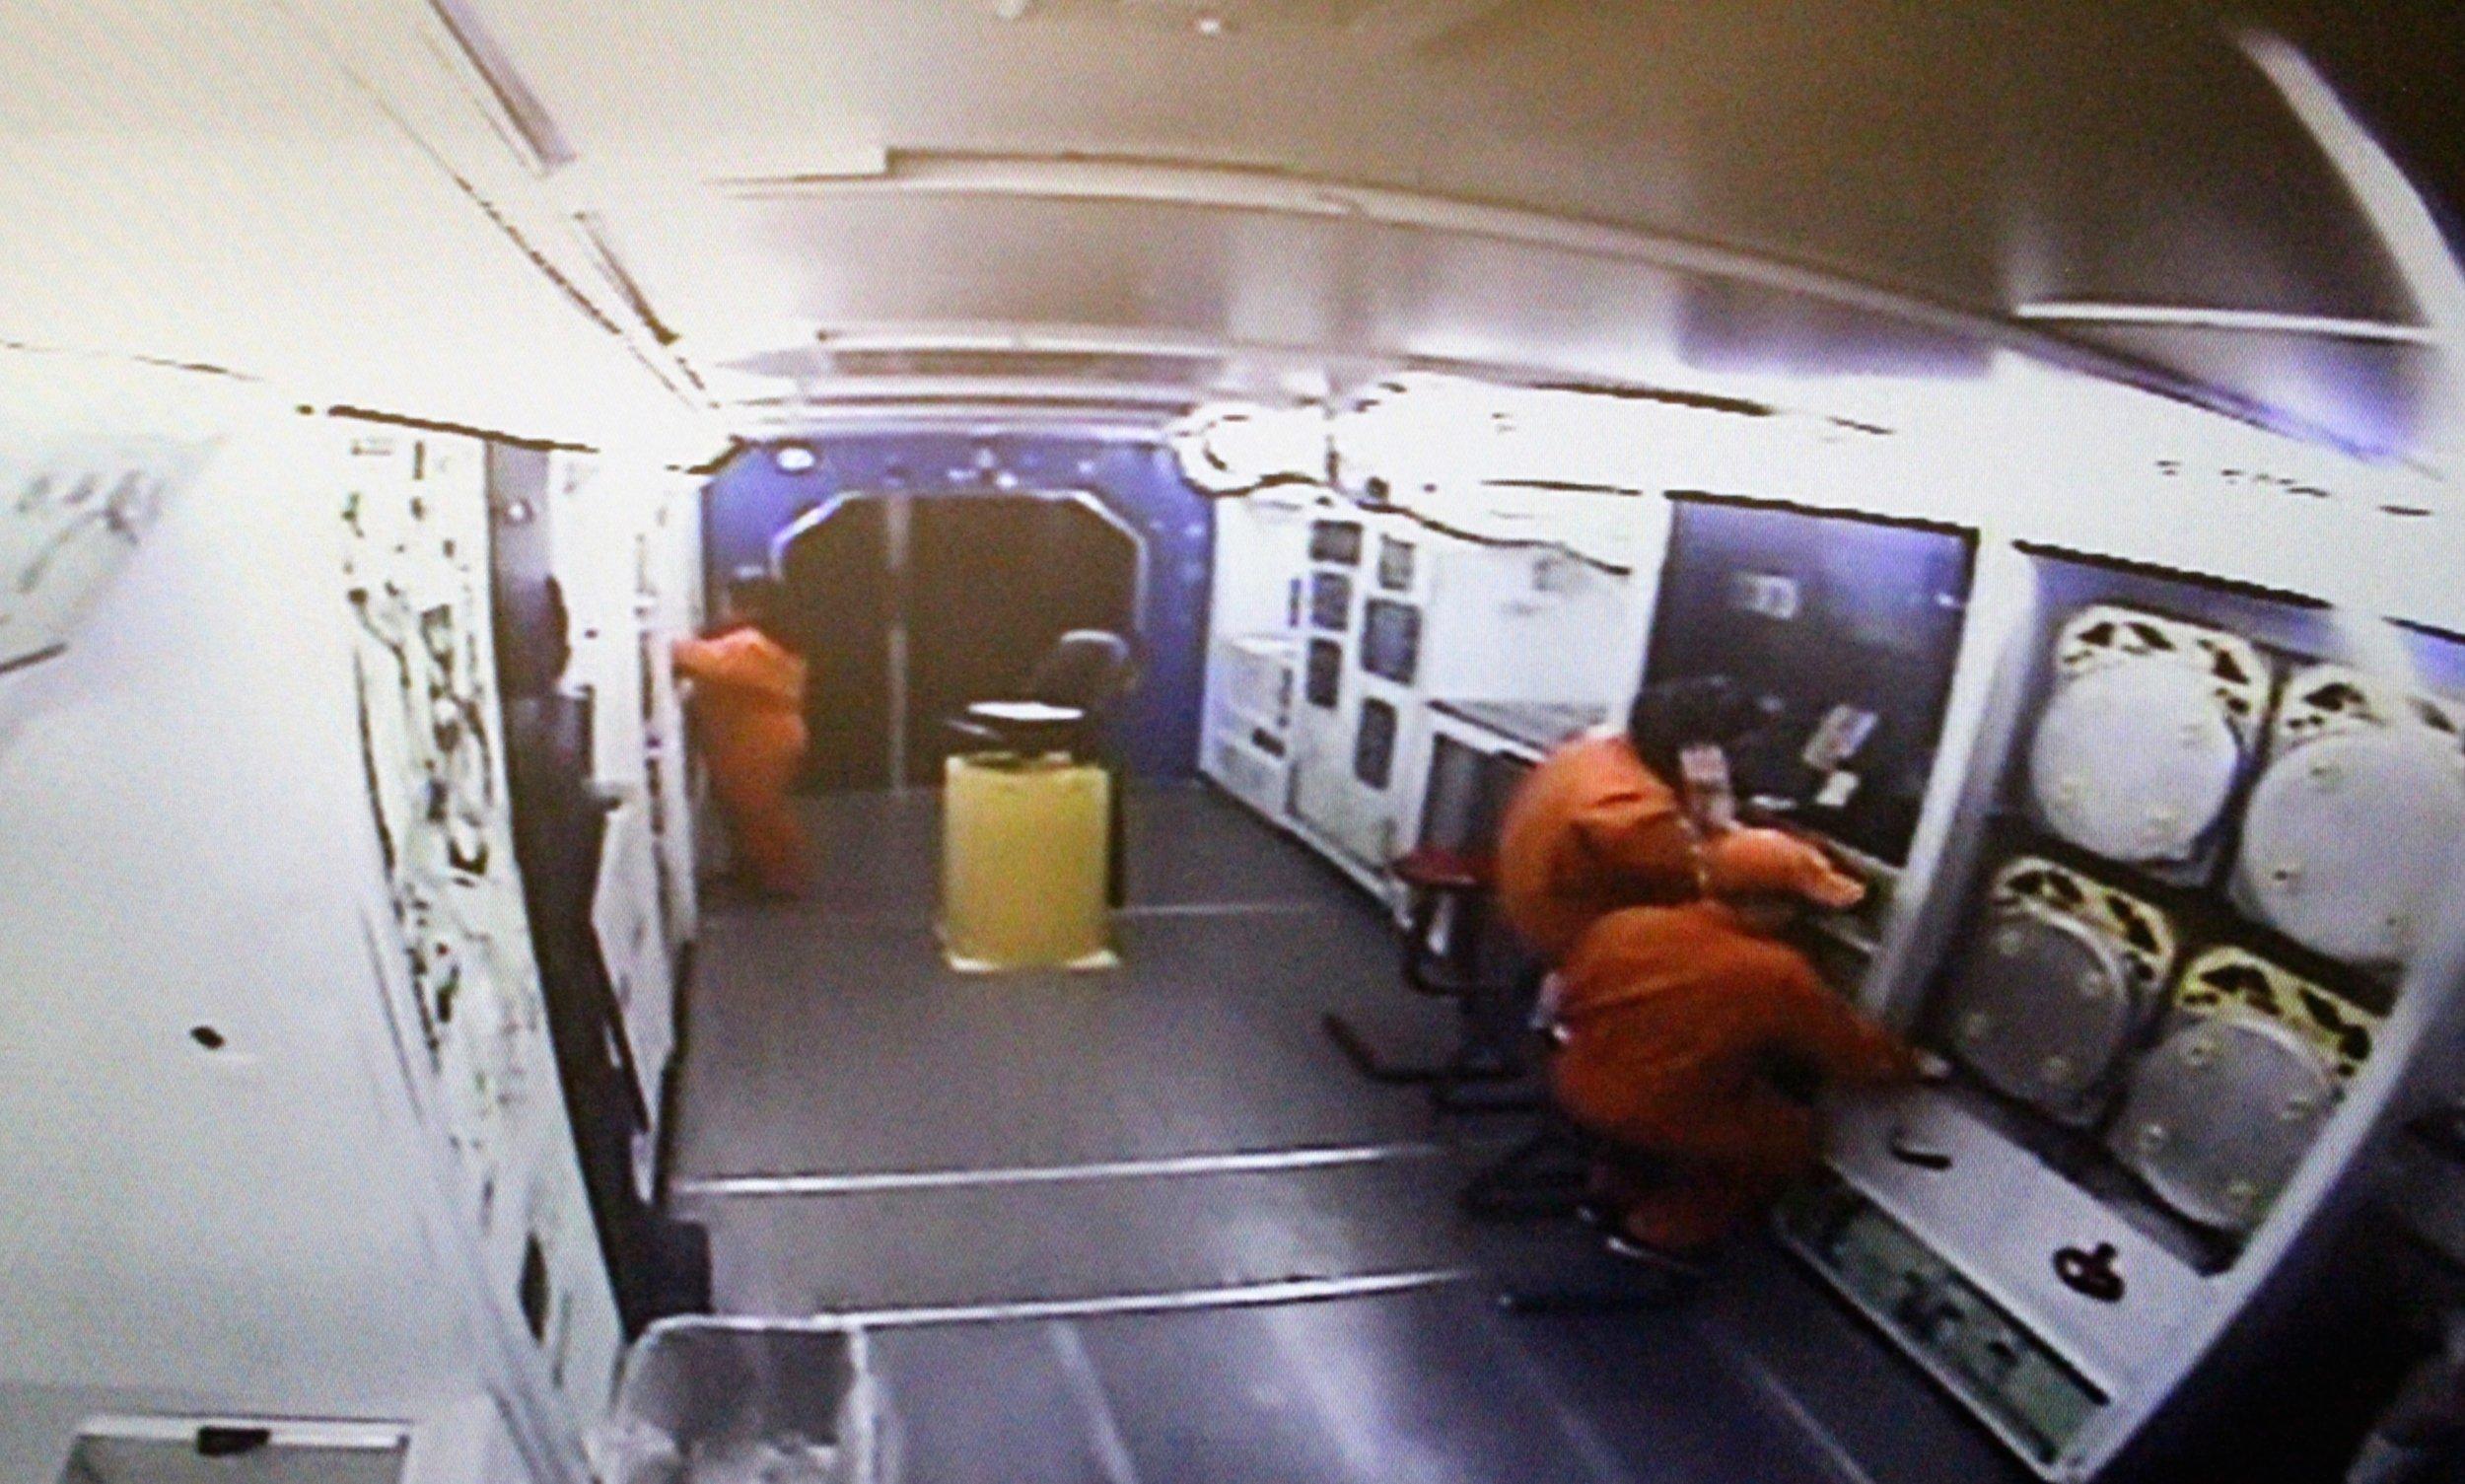 VSDB astronauts at work